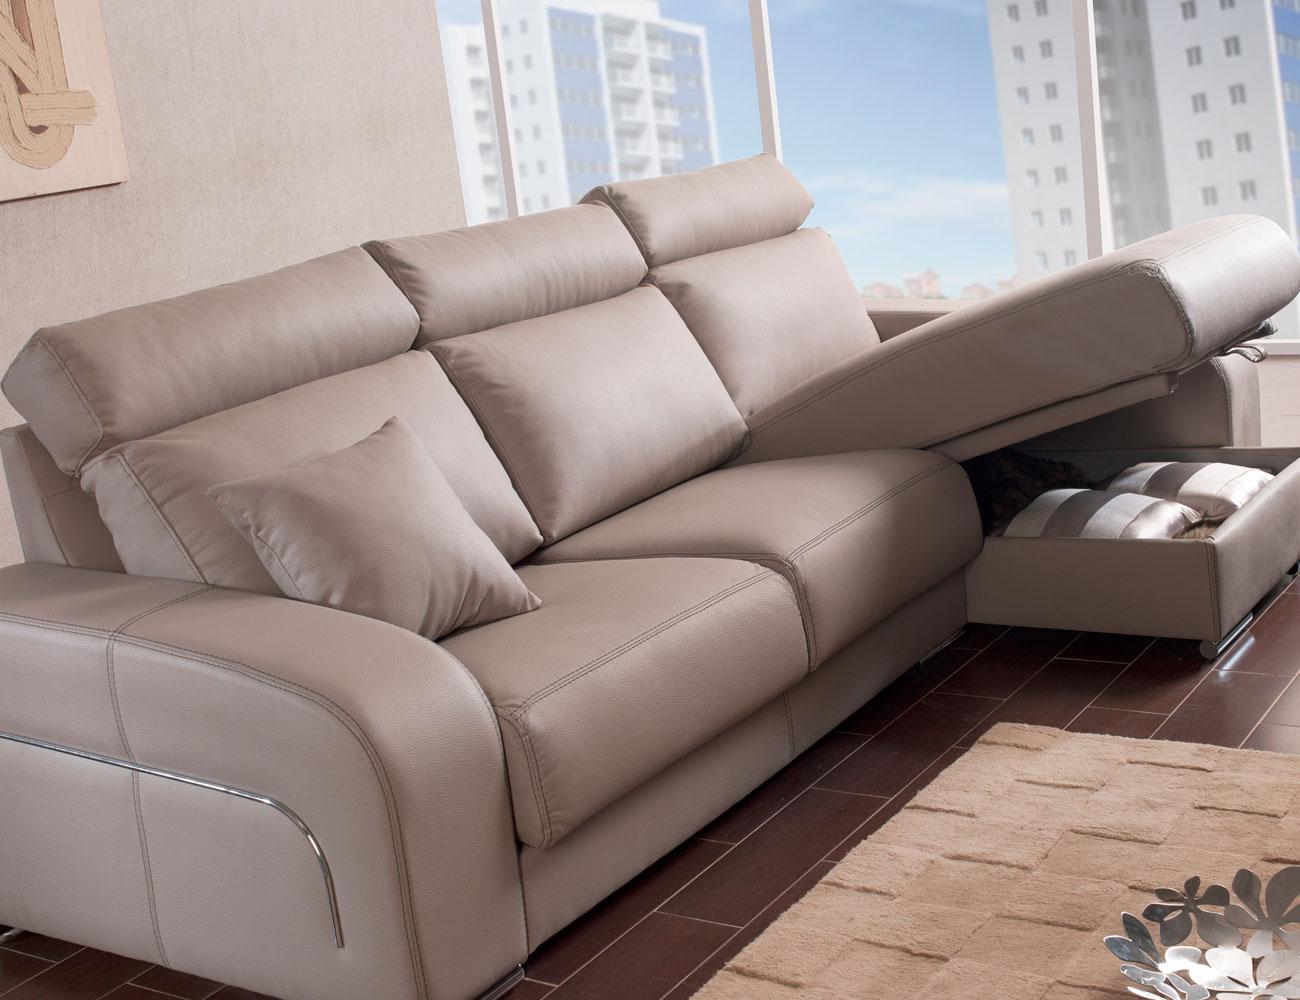 Sofa chaiselongue moderno pared cero arcon20